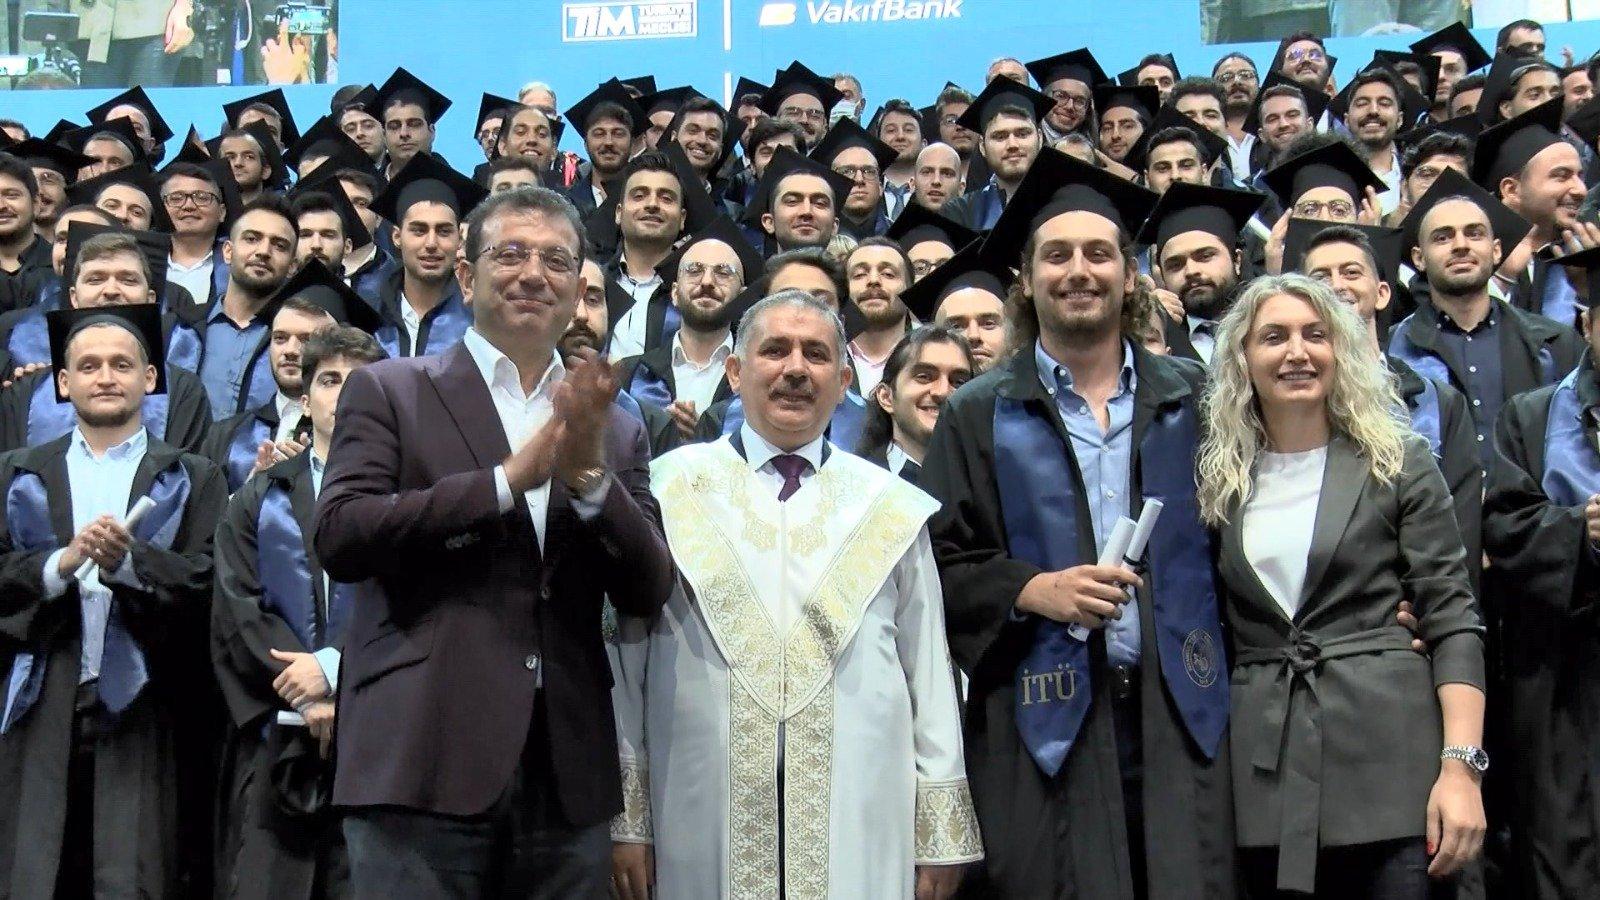 İTÜ'den mezun olan 3 bin 500 öğrenciye tören #video